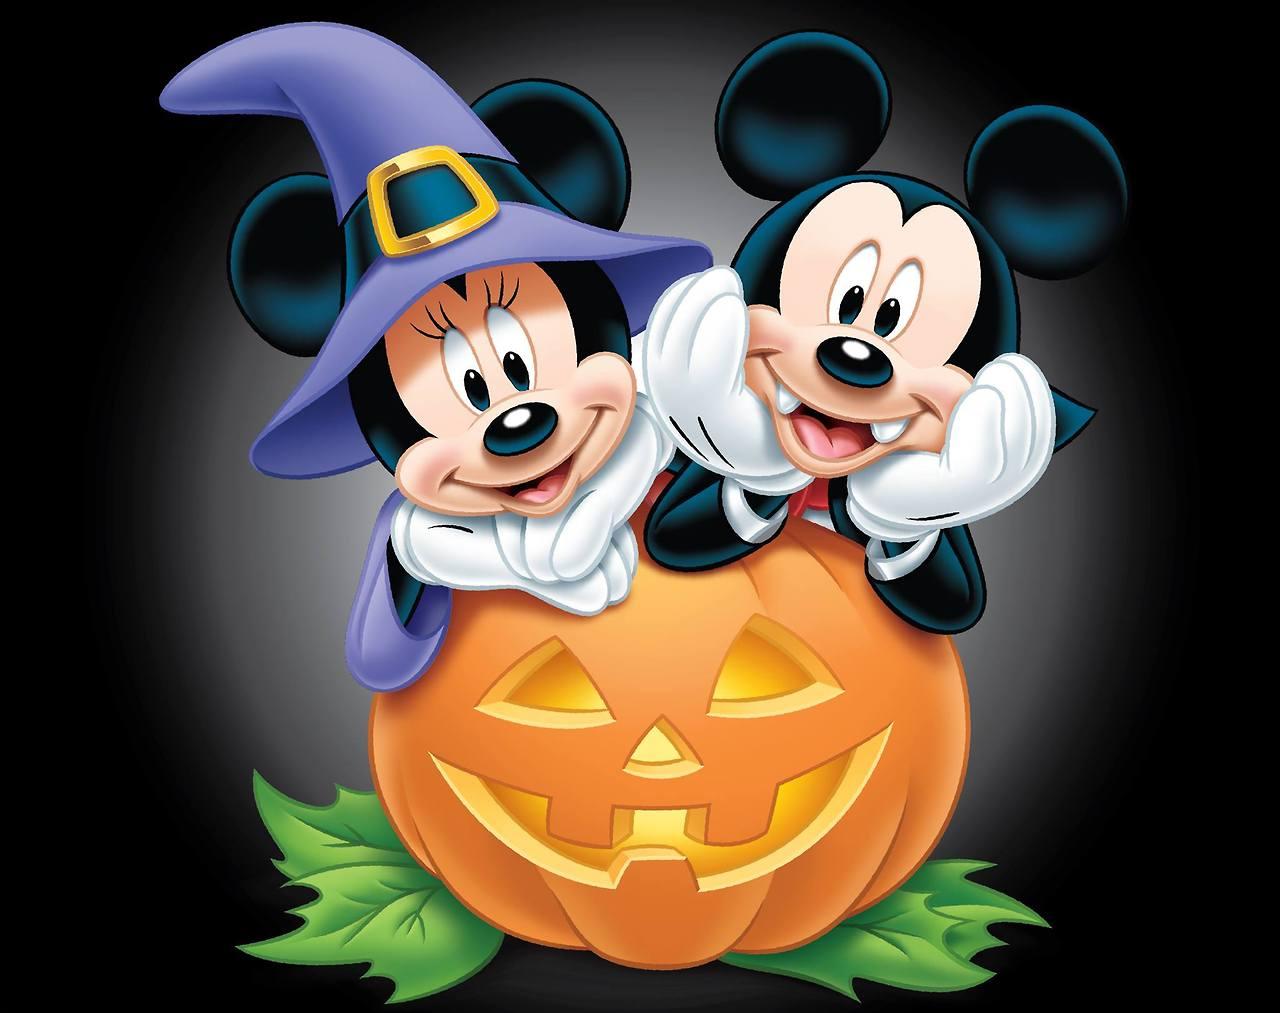 image mickey and minnie halloweenjpg disney wiki fandom powered by wikia - Mickey Minnie Halloween